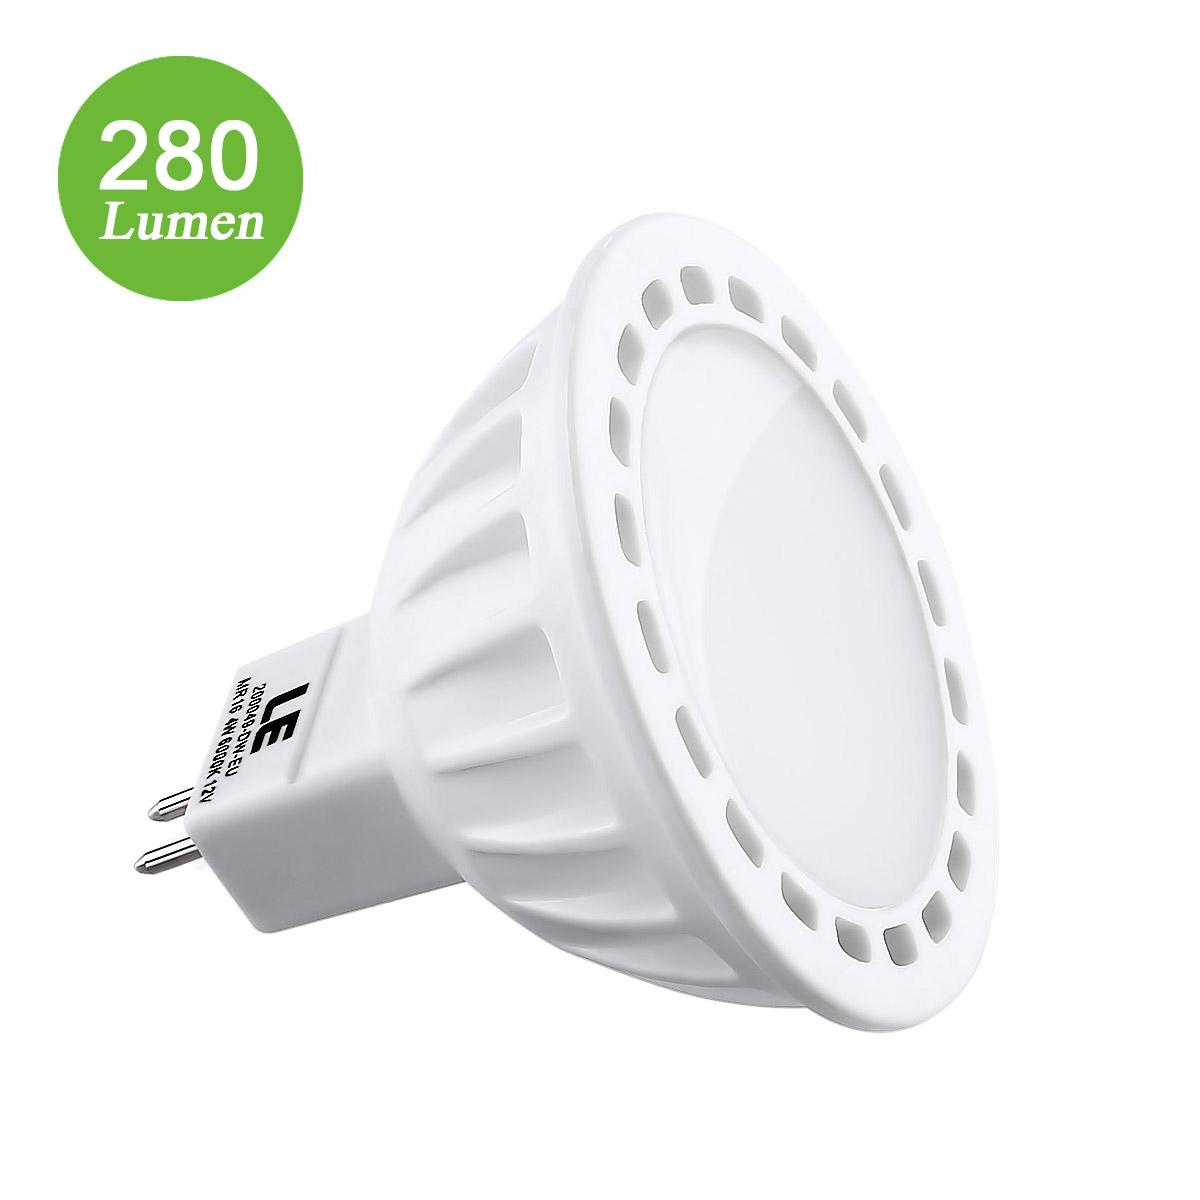 12V 4W LED MR16 GU5,3 Strahler, 280lm Birnen, entspricht 40W Halogenlampe, Kaltweiß